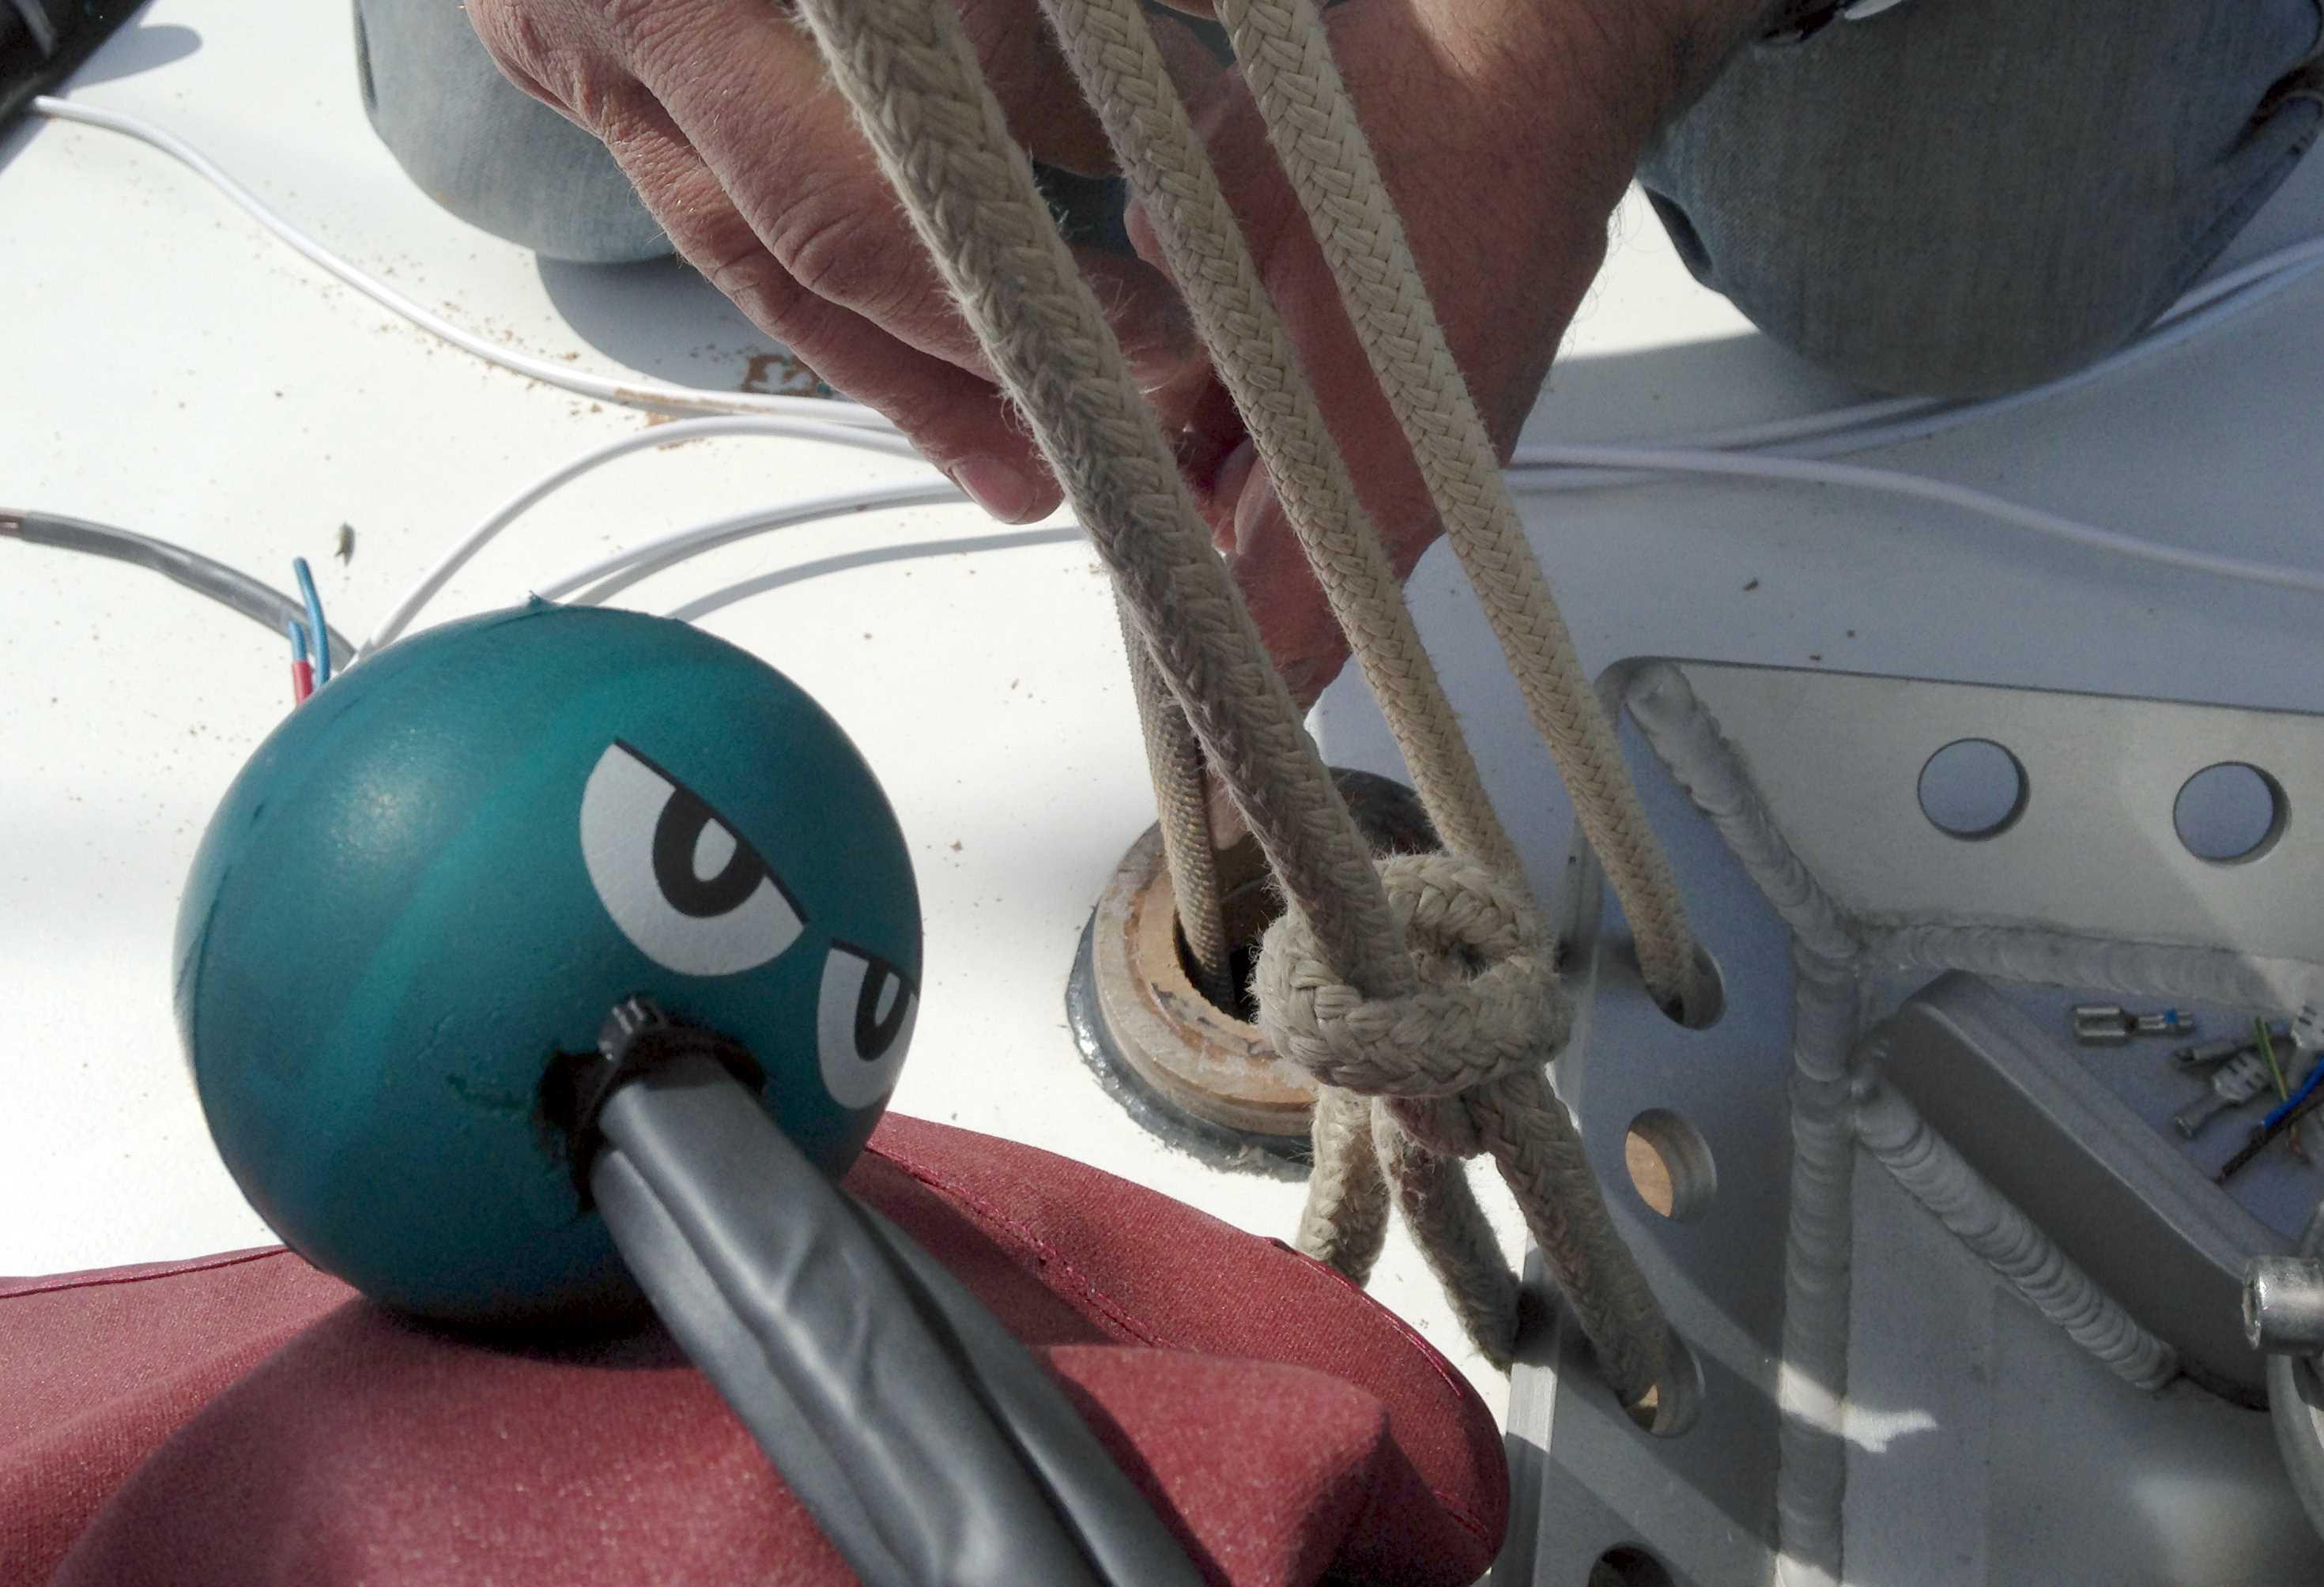 Das zweite Leben des Smiley-Knautschballs